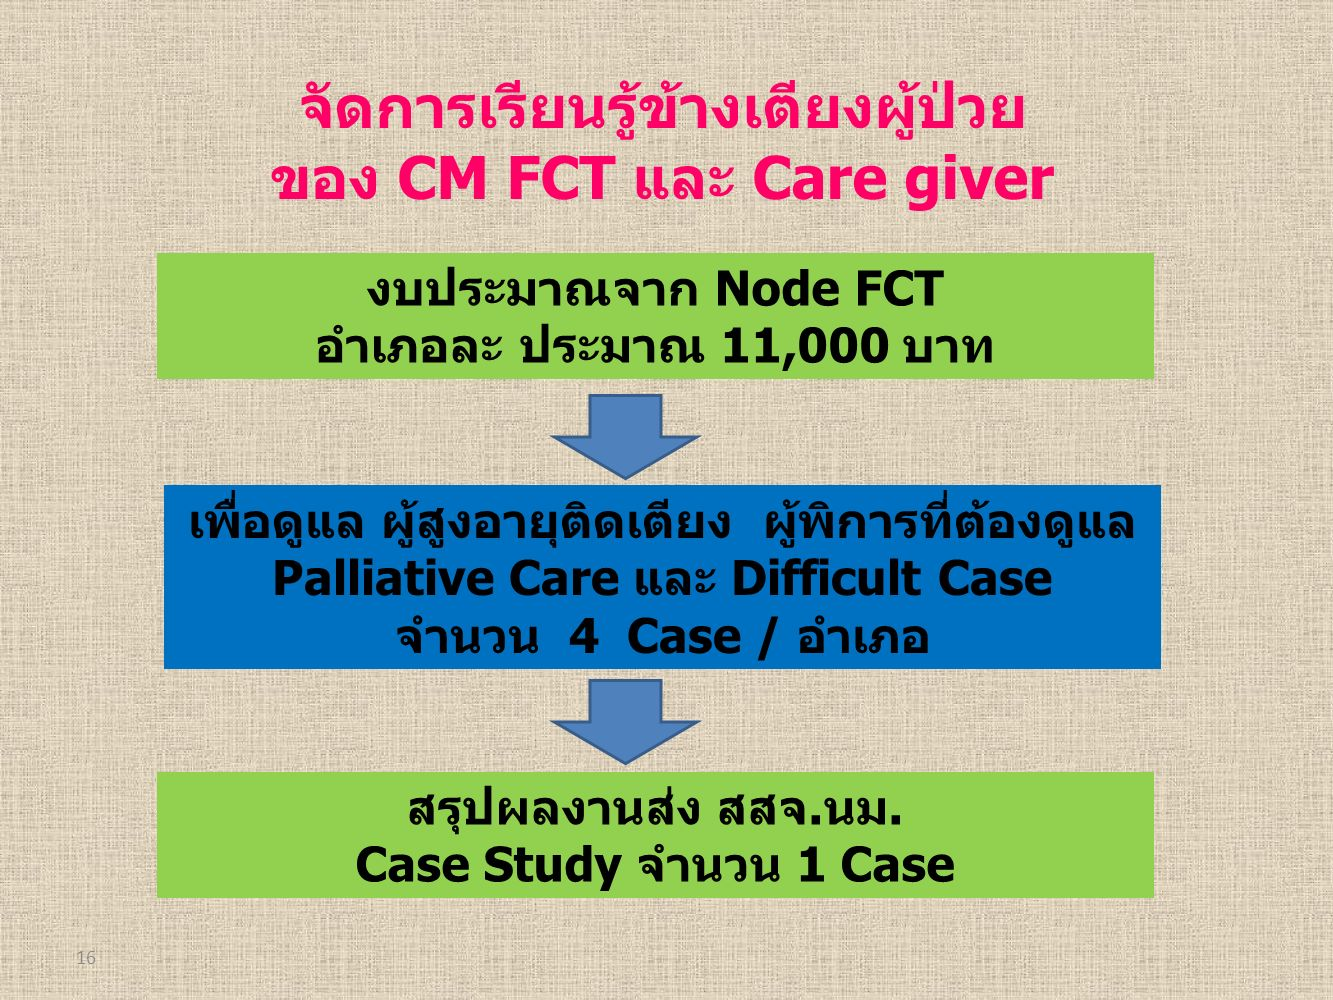 16 จัดการเรียนรู้ข้างเตียงผู้ป่วย ของ CM FCT และ Care giver งบประมาณจาก Node FCT อำเภอละ ประมาณ 11,000 บาท เพื่อดูแล ผู้สูงอายุติดเตียง ผู้พิการที่ต้องดูแล Palliative Care และ Difficult Case จำนวน 4 Case / อำเภอ สรุปผลงานส่ง สสจ.นม.